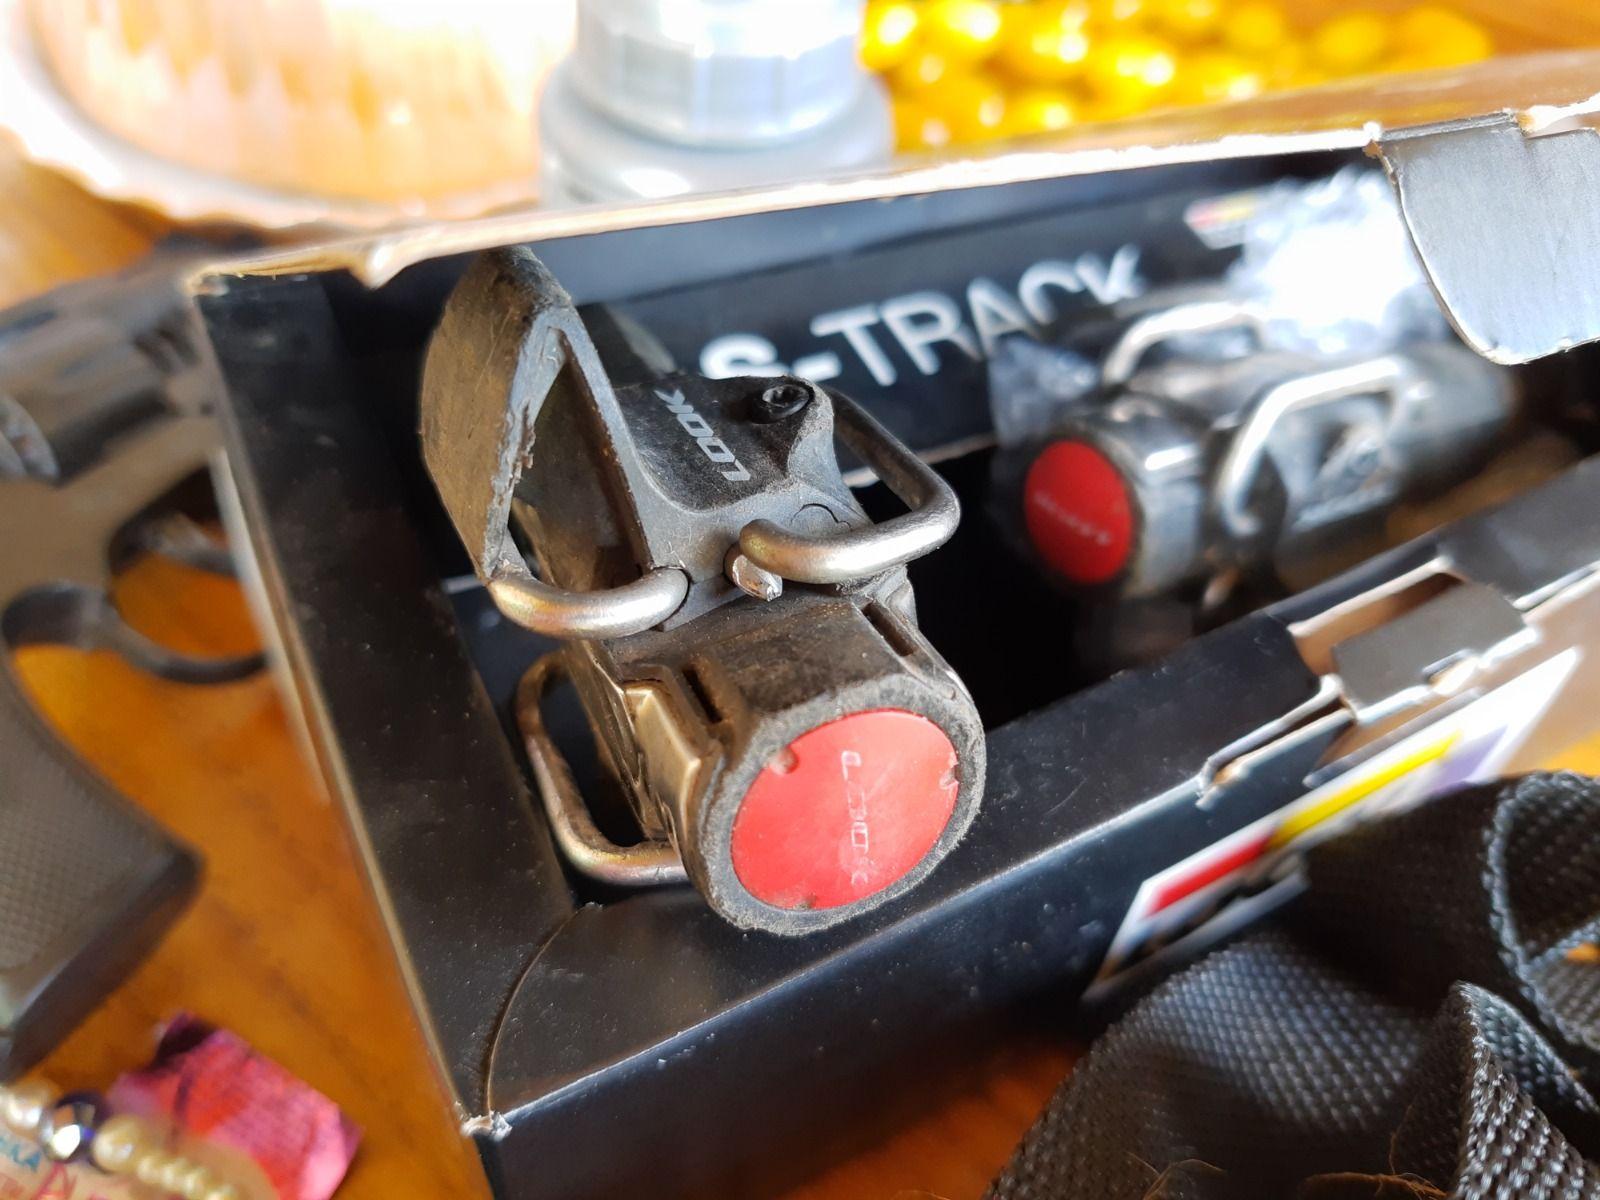 Педали Look S-Track с шипами. На восстановление/запчасти